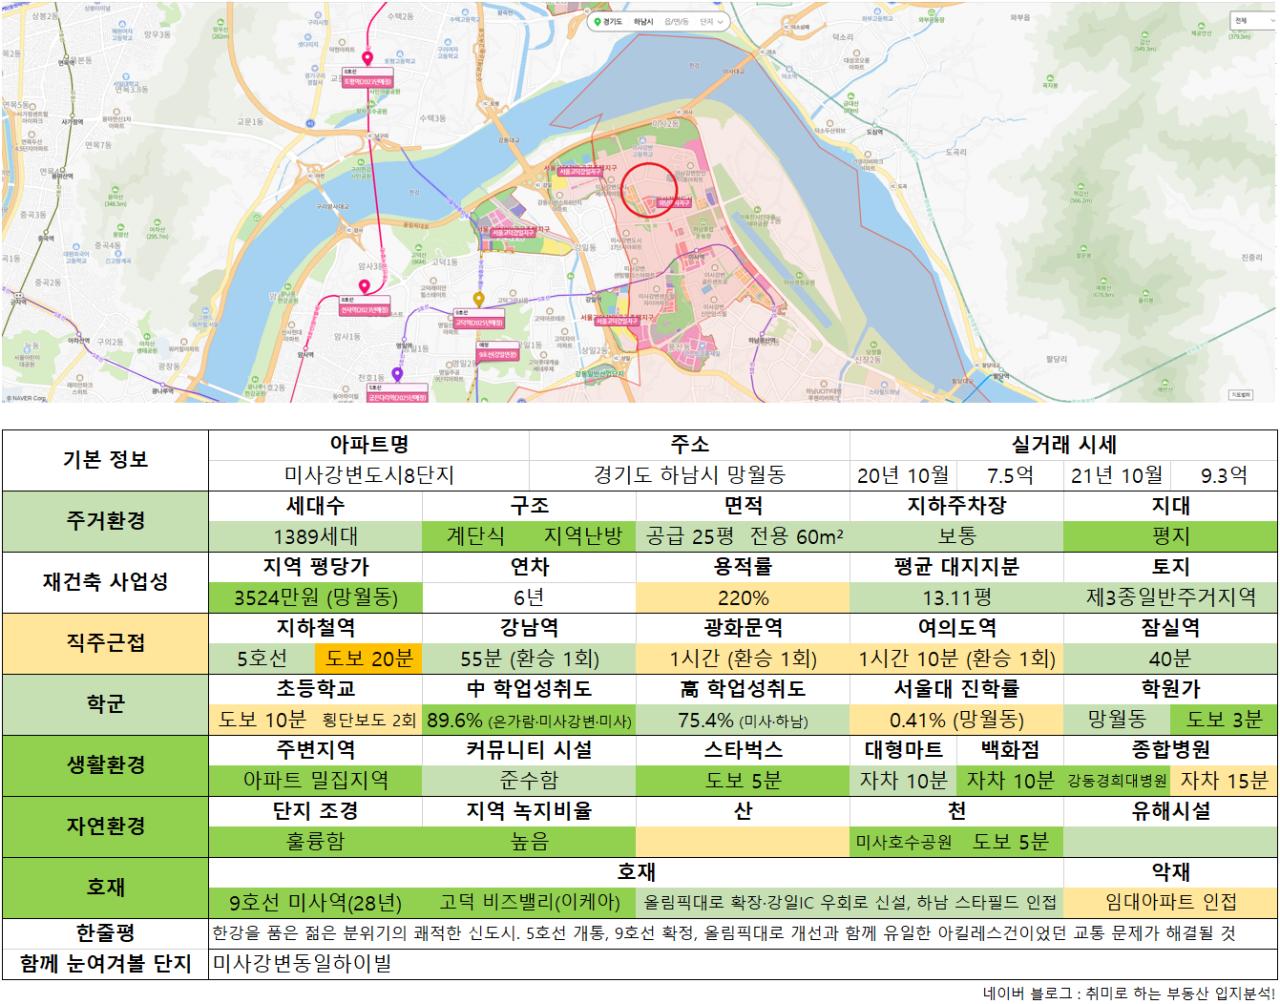 10_미사강변도시8단지.png 수도권 9억 이하 아파트 추천 (ver. 21년 10월)